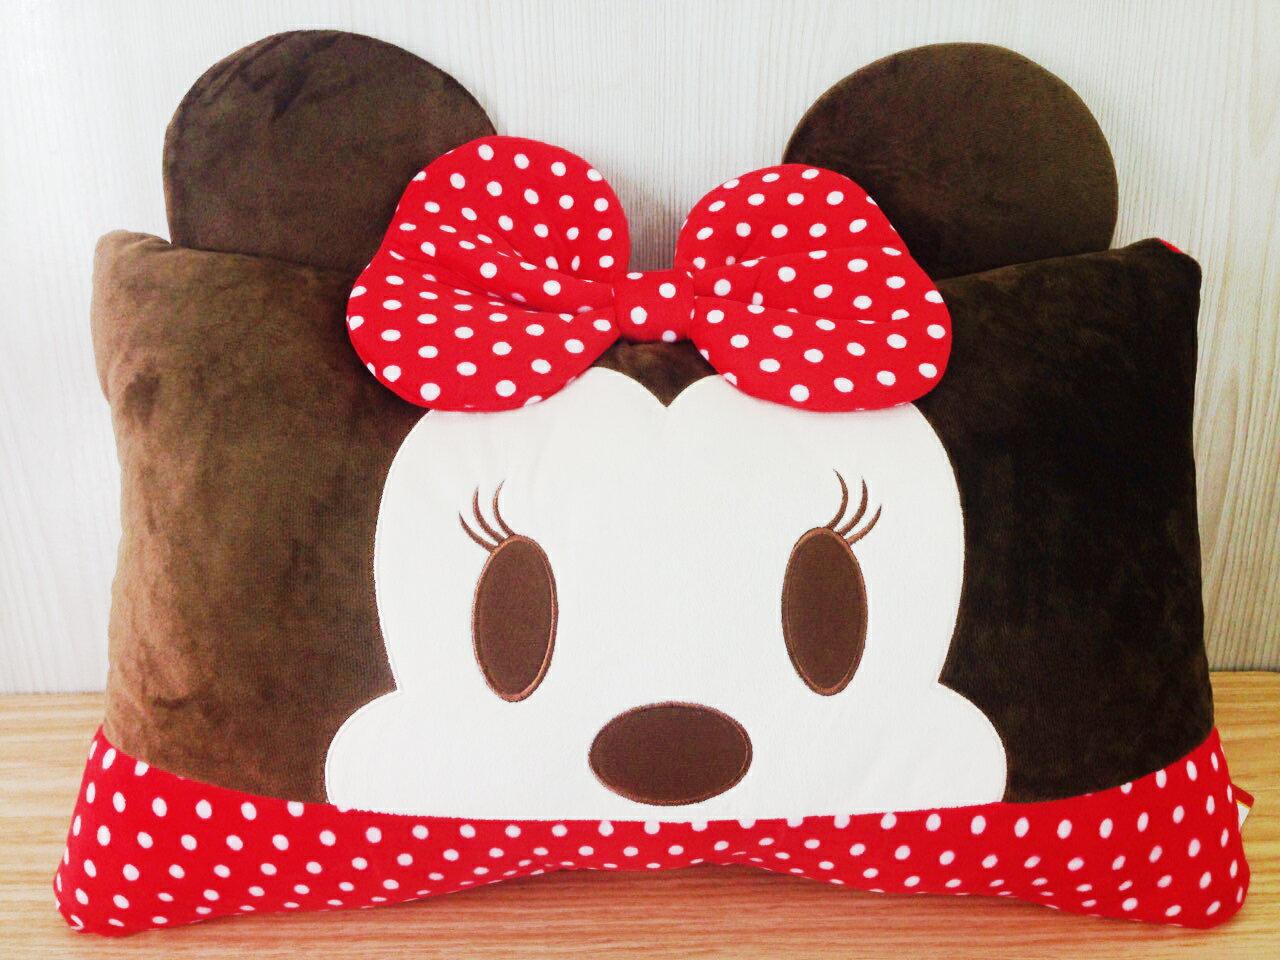 【真愛日本】15122200001大臉雙人枕-米妮  迪士尼 米老鼠米奇 米妮   靠枕  抱枕  擺飾